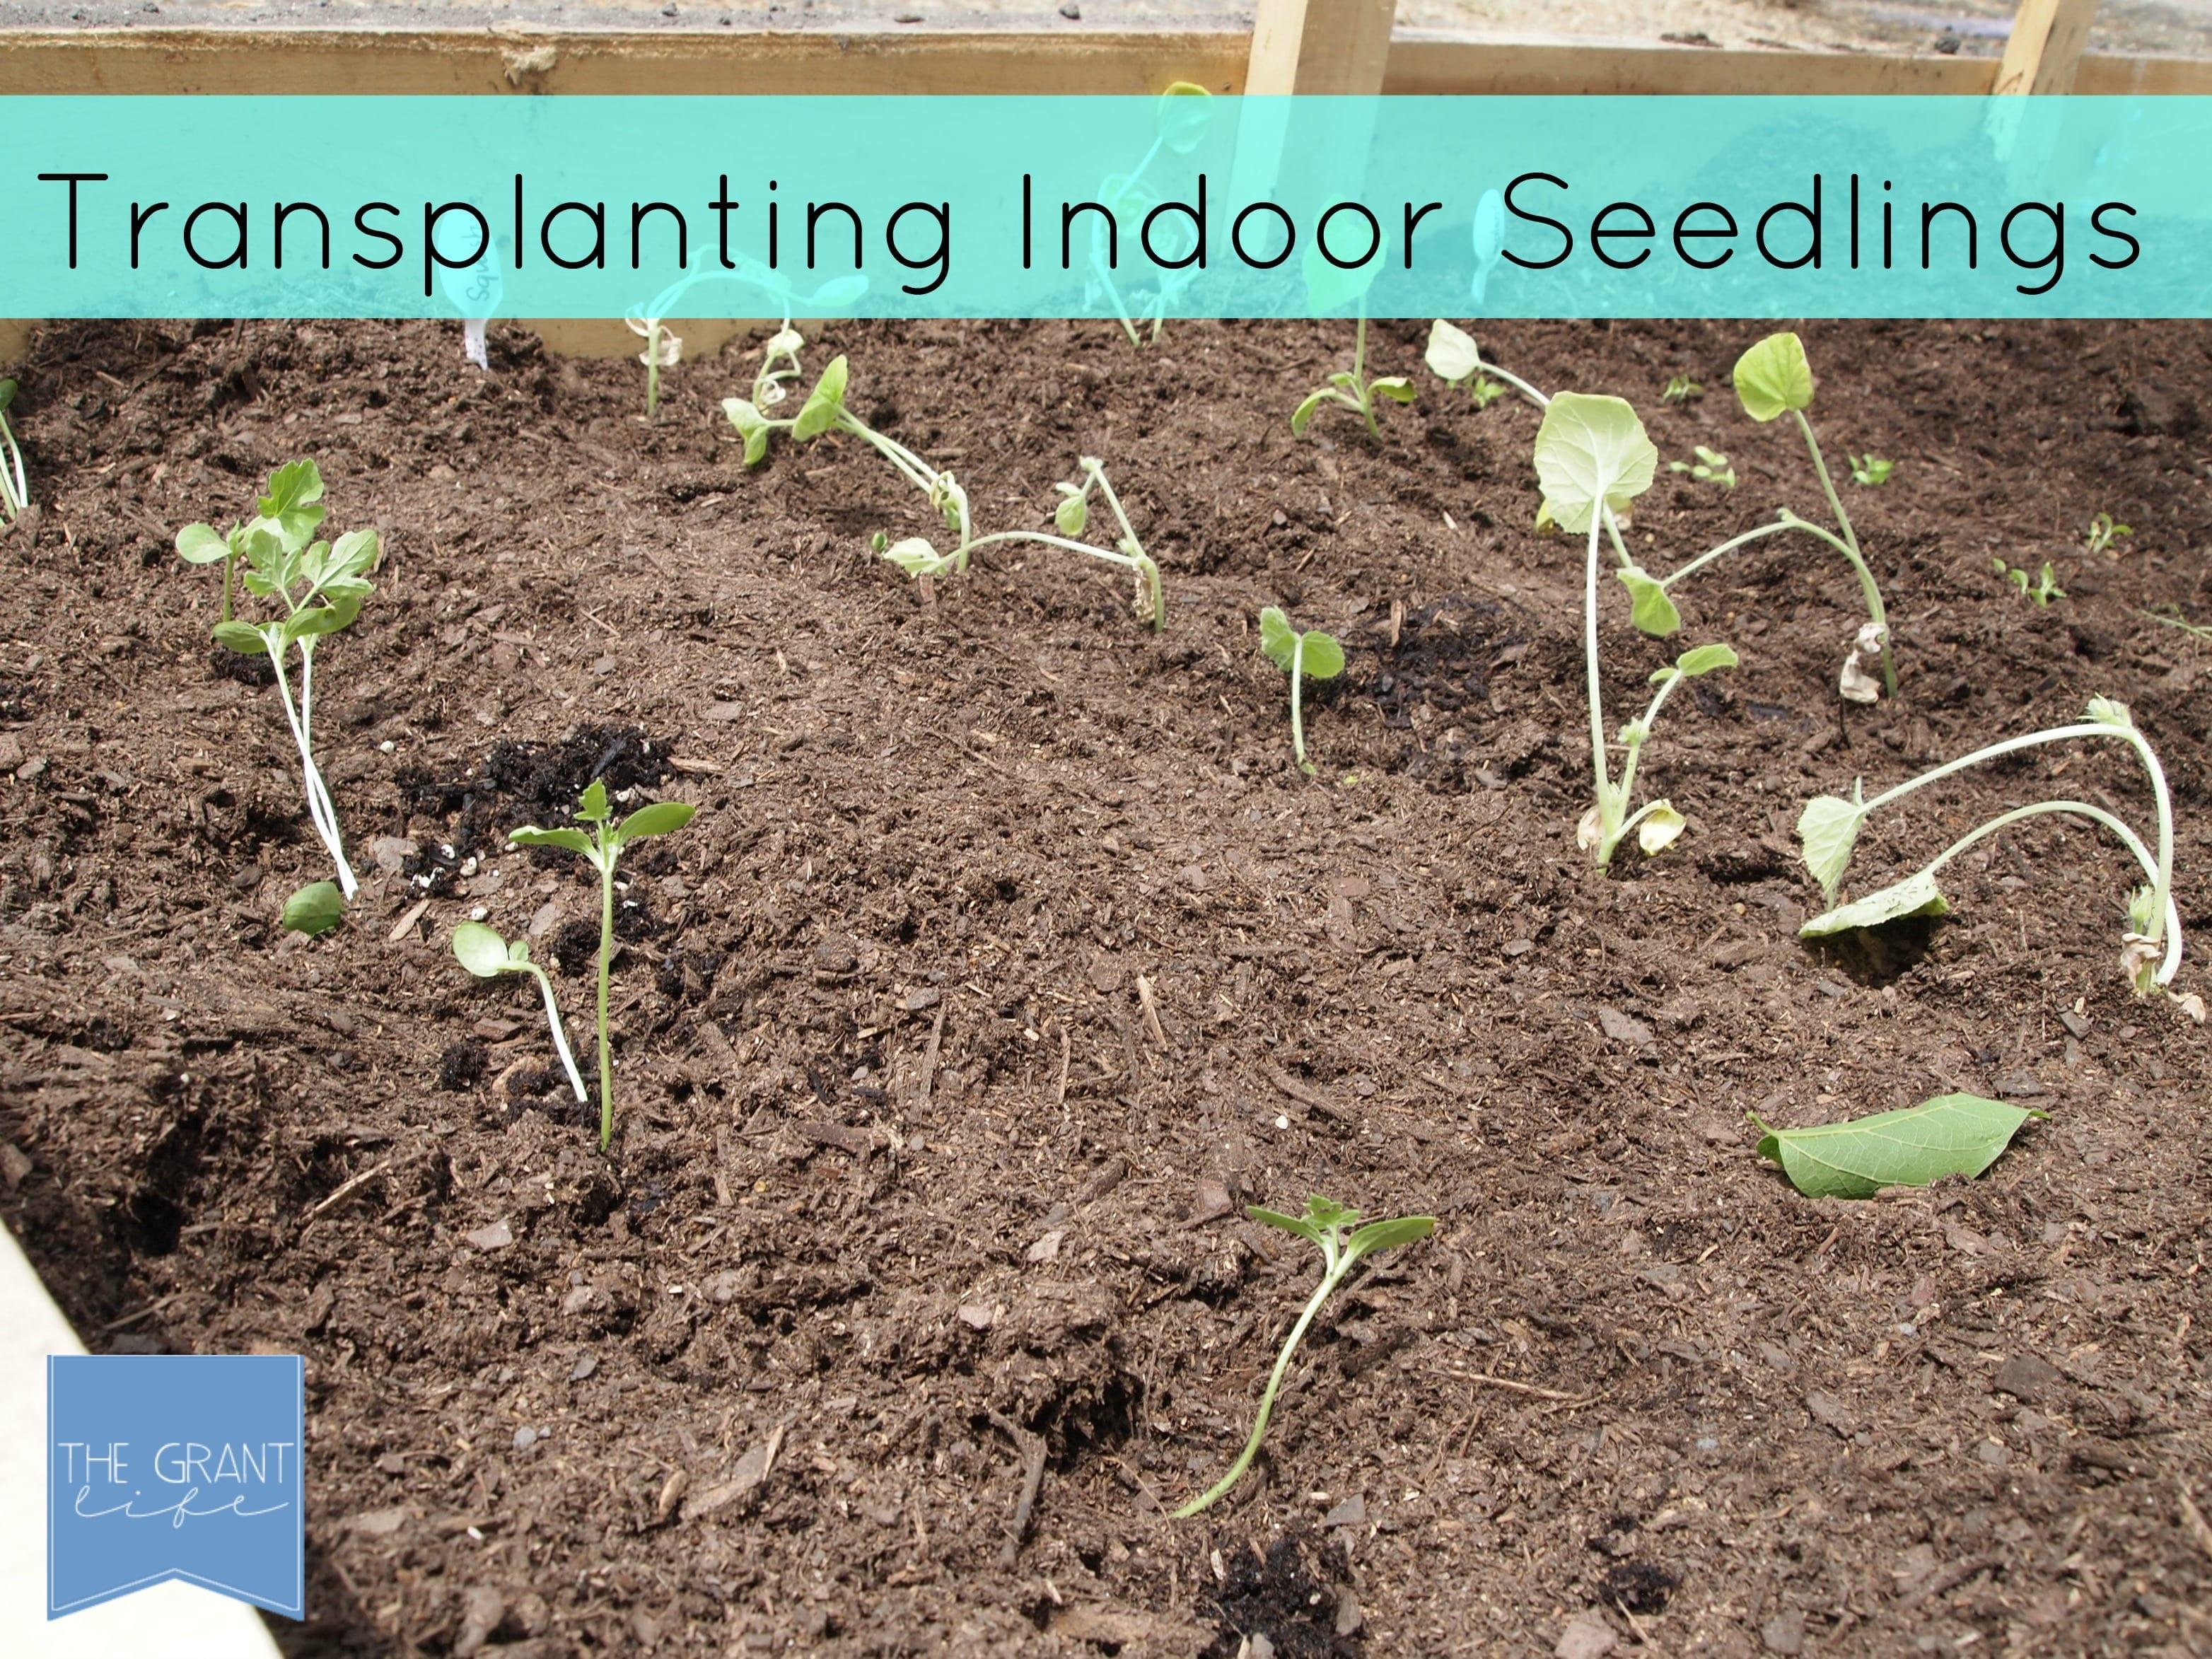 Transplanting indoor seedlings with delcious pairings